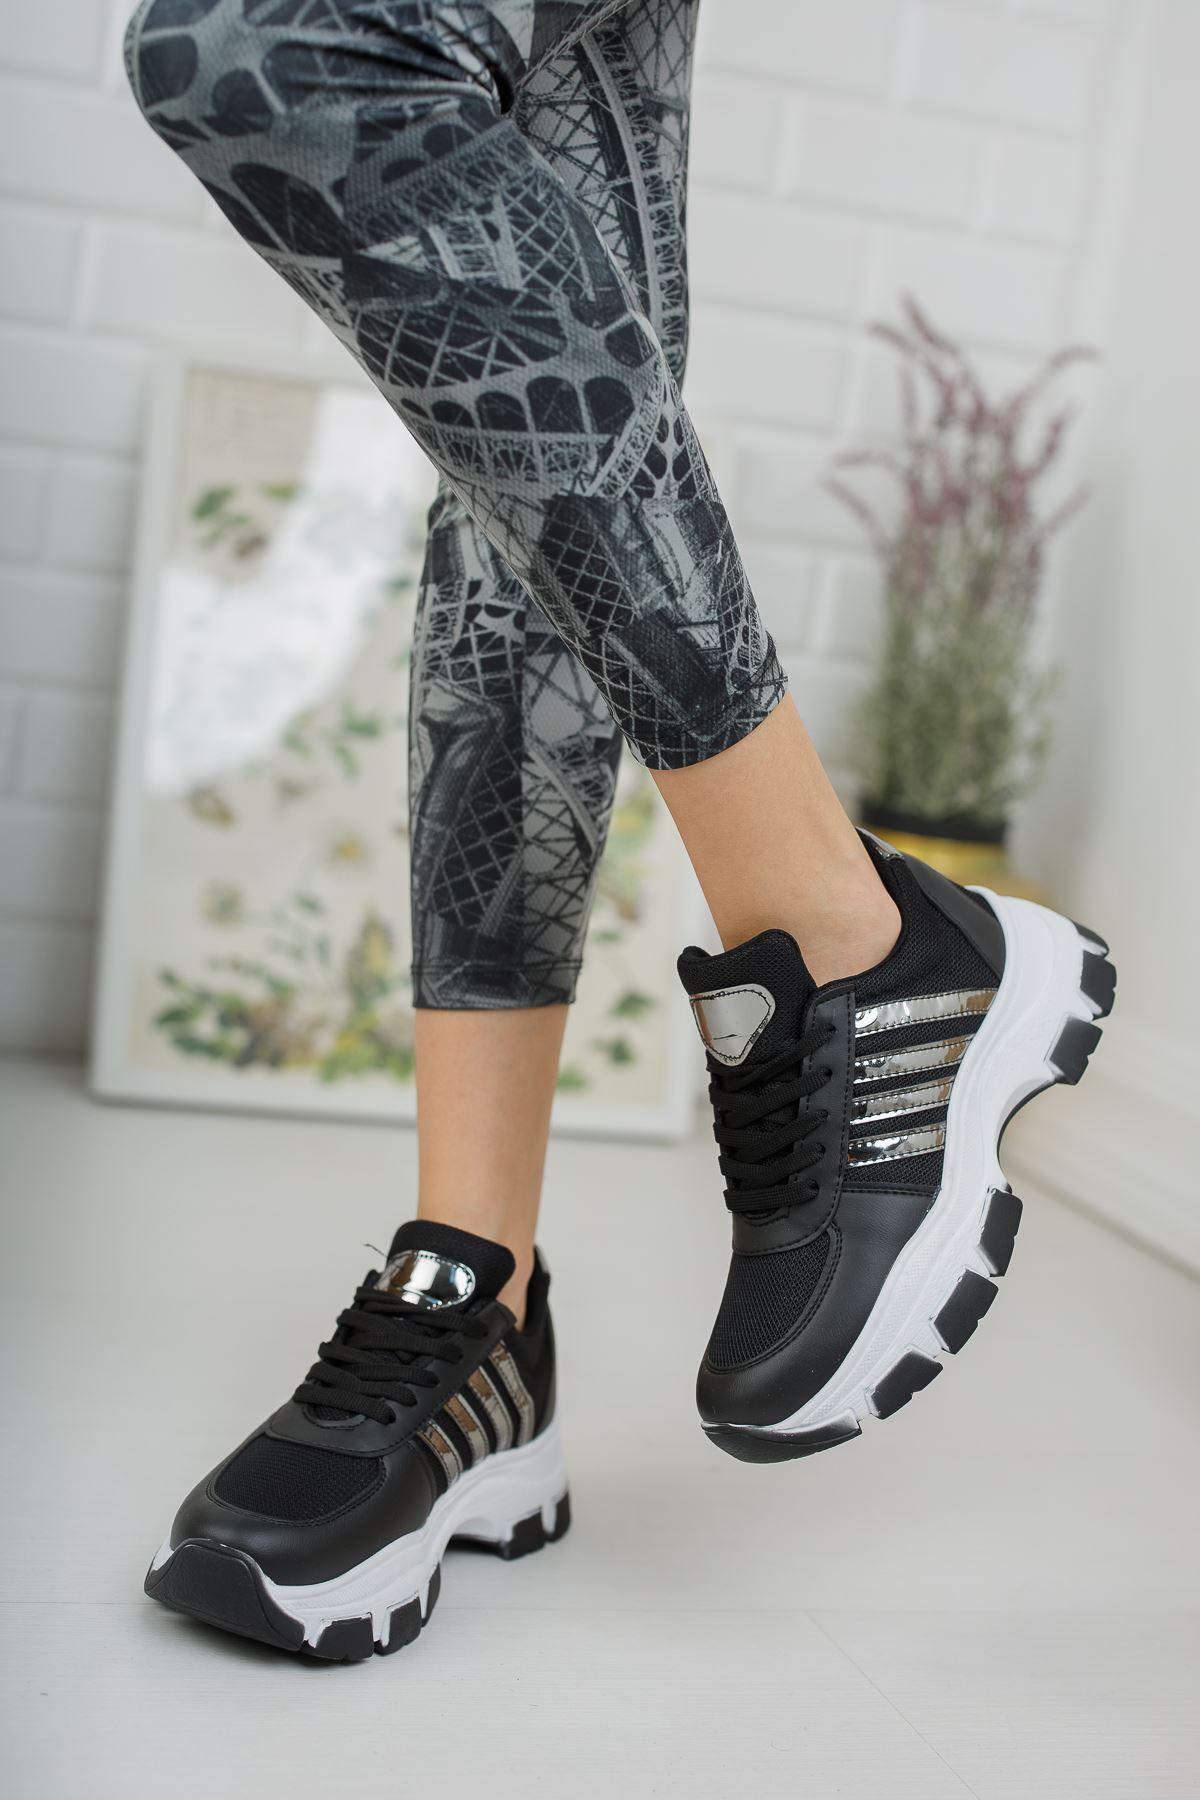 Yüksek Taban Platin Şeritli Siyah Spor Ayakkabı